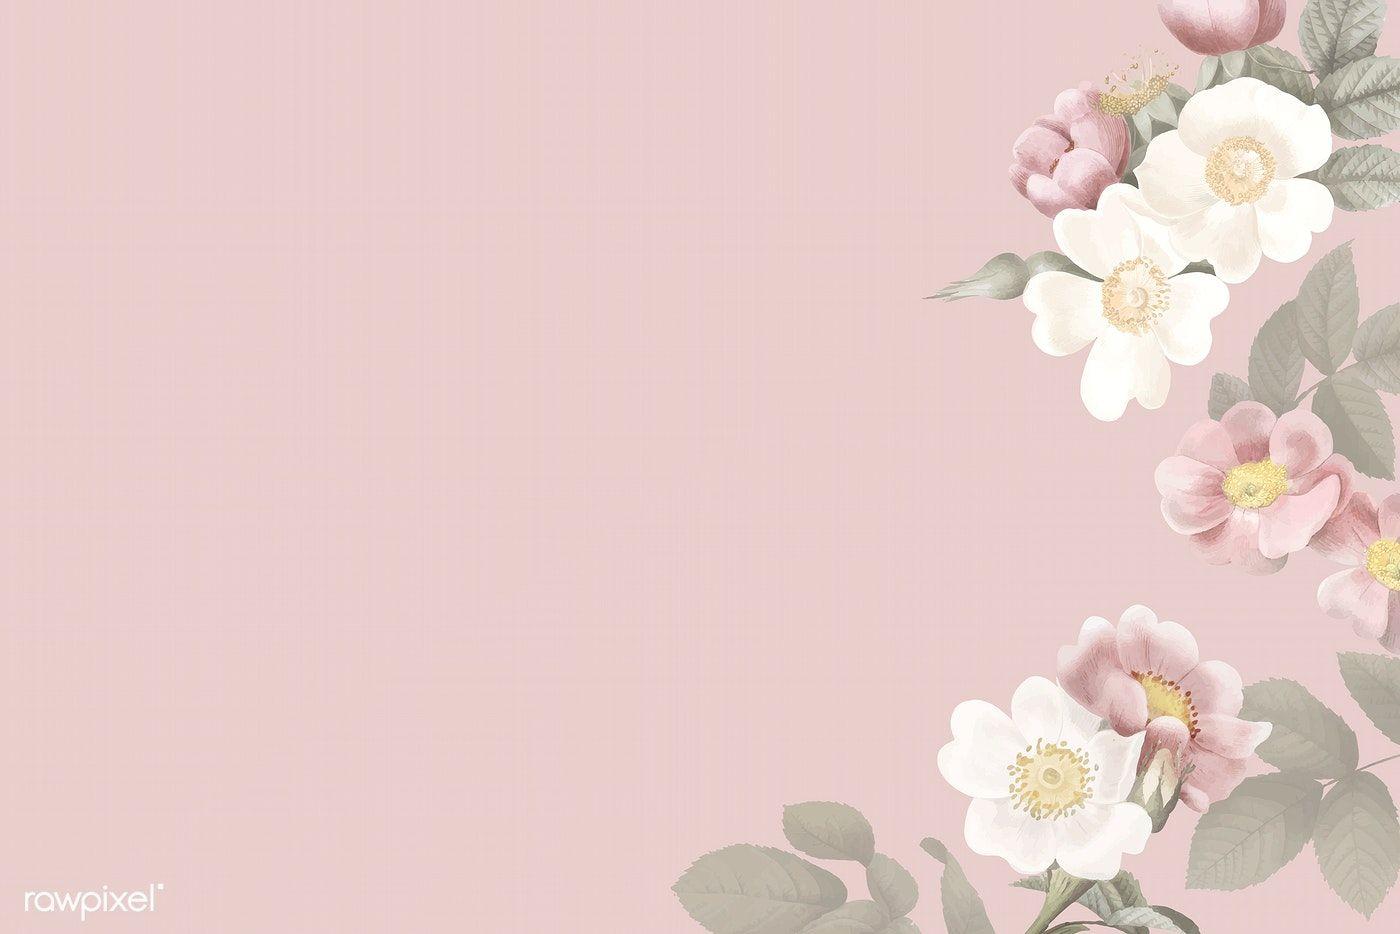 Elegant Floral Frame Design Vector Premium Image By Rawpixel Com Manotang Floral Graphic Design Flower Background Wallpaper Illustration Design